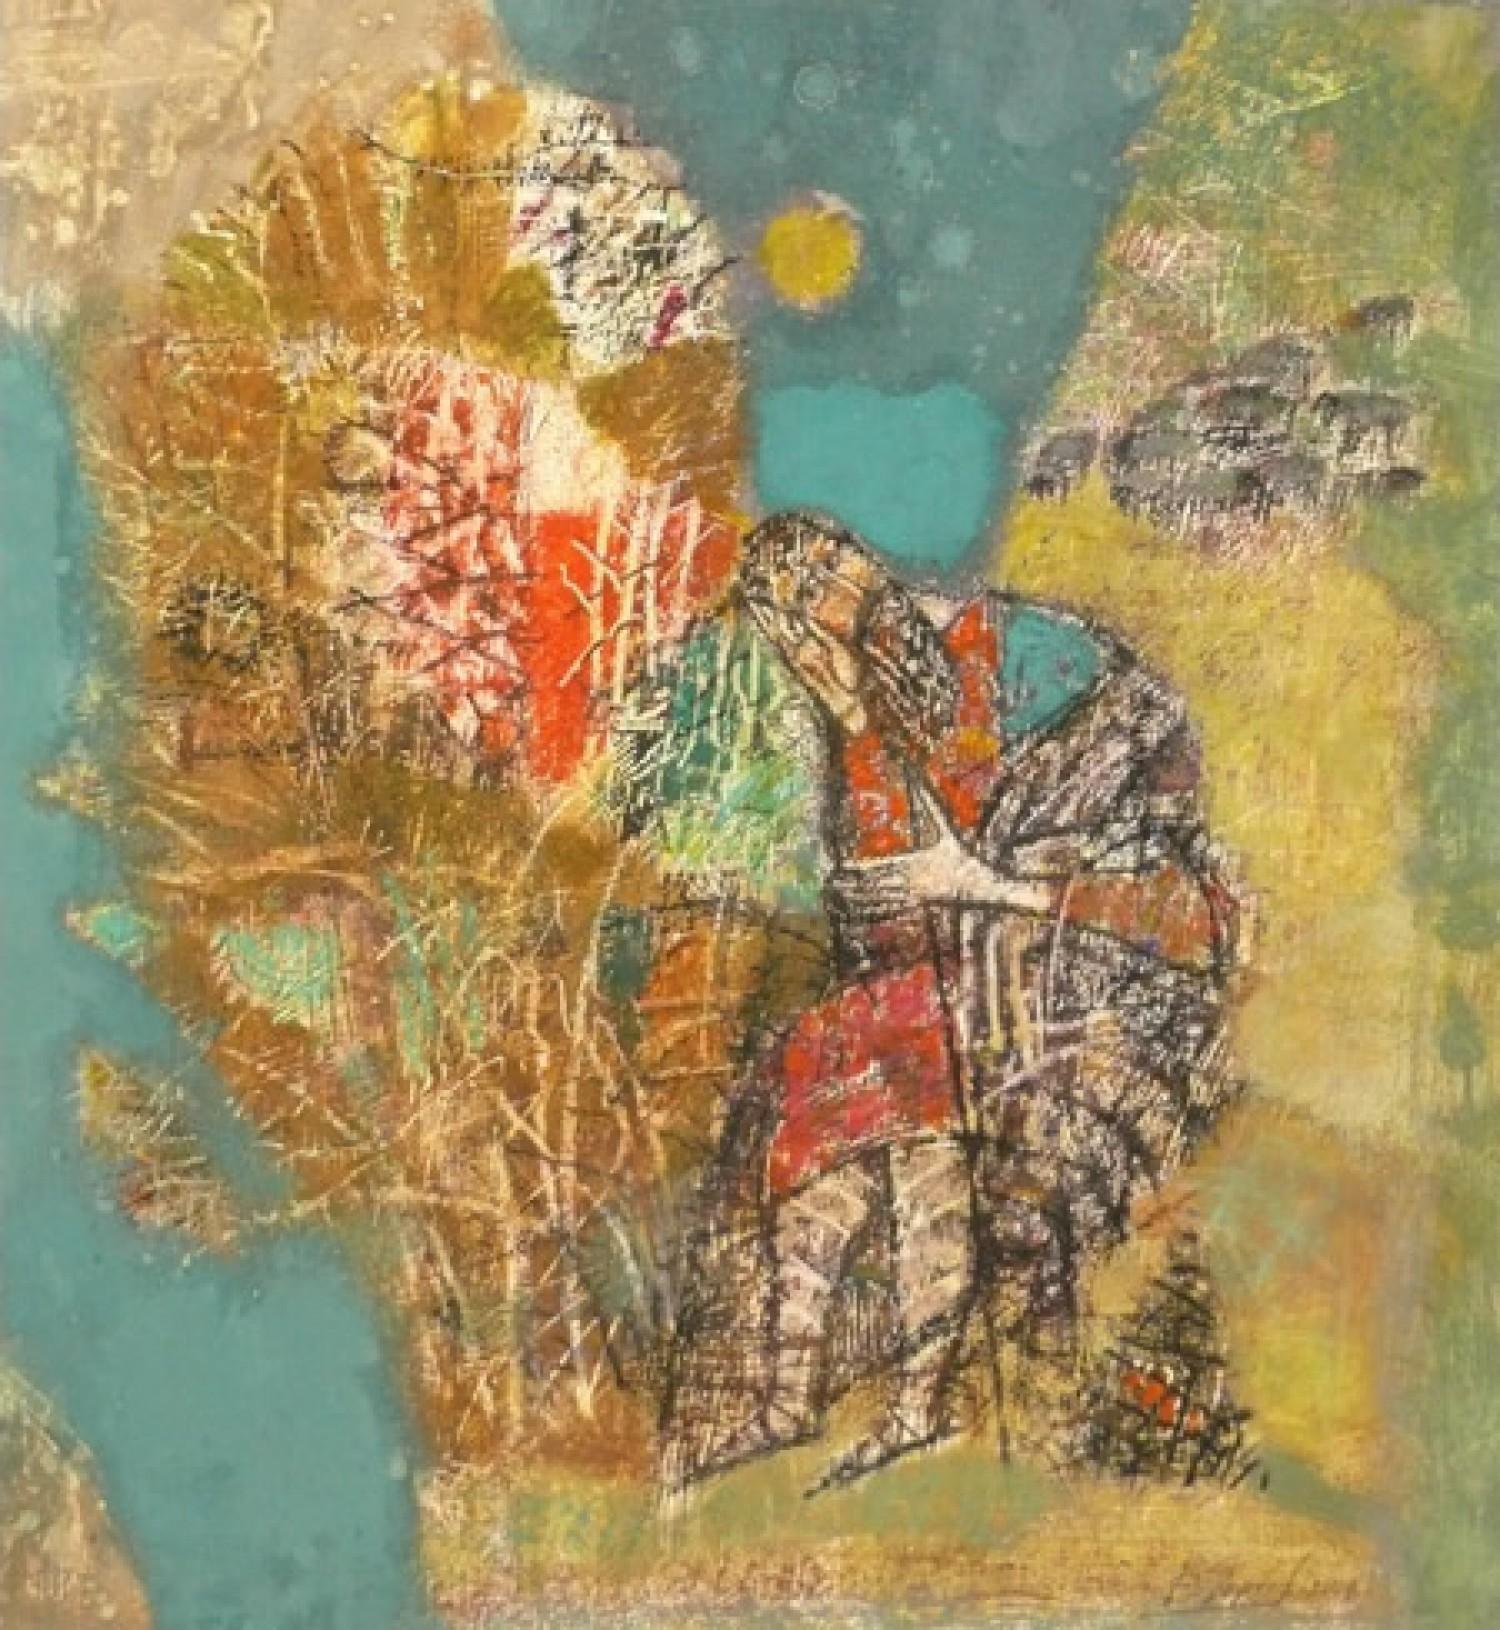 В.С.Горячев. Моисей и пылающий куст. 2004. Б., смеш. техника. 56х51.